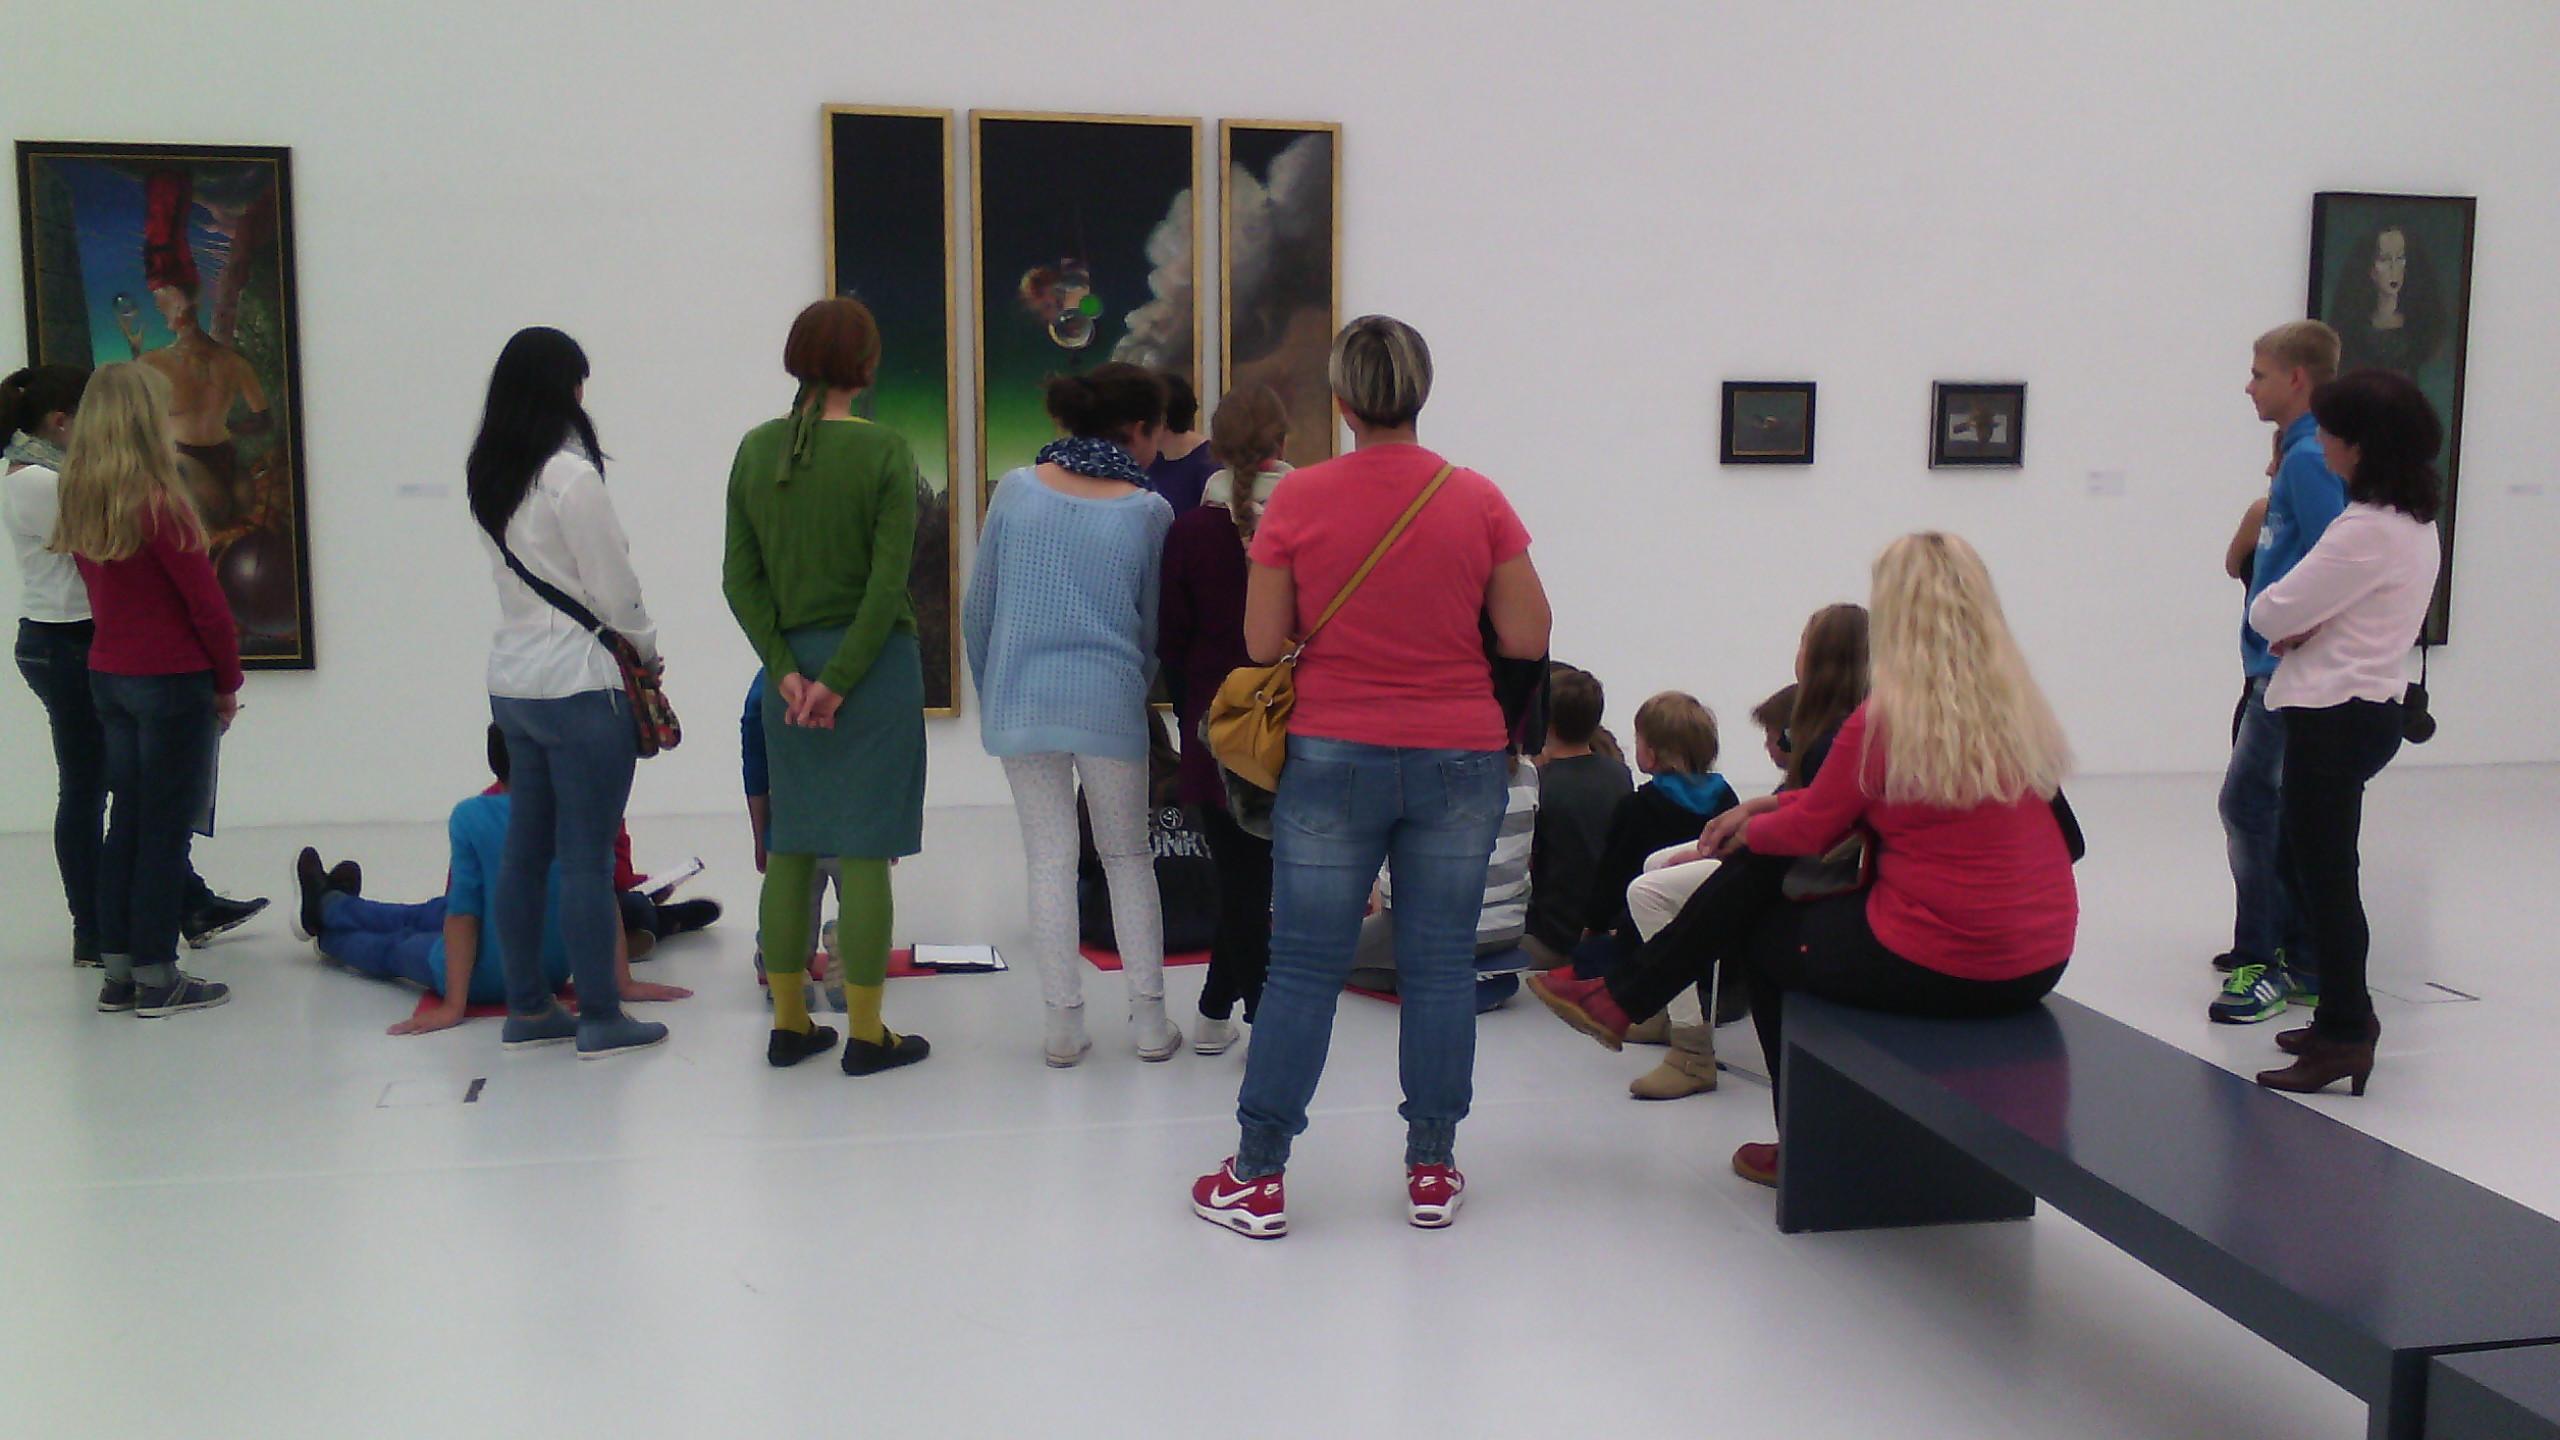 Музей современного искусства для стотысячного Котбуса - культурный центр